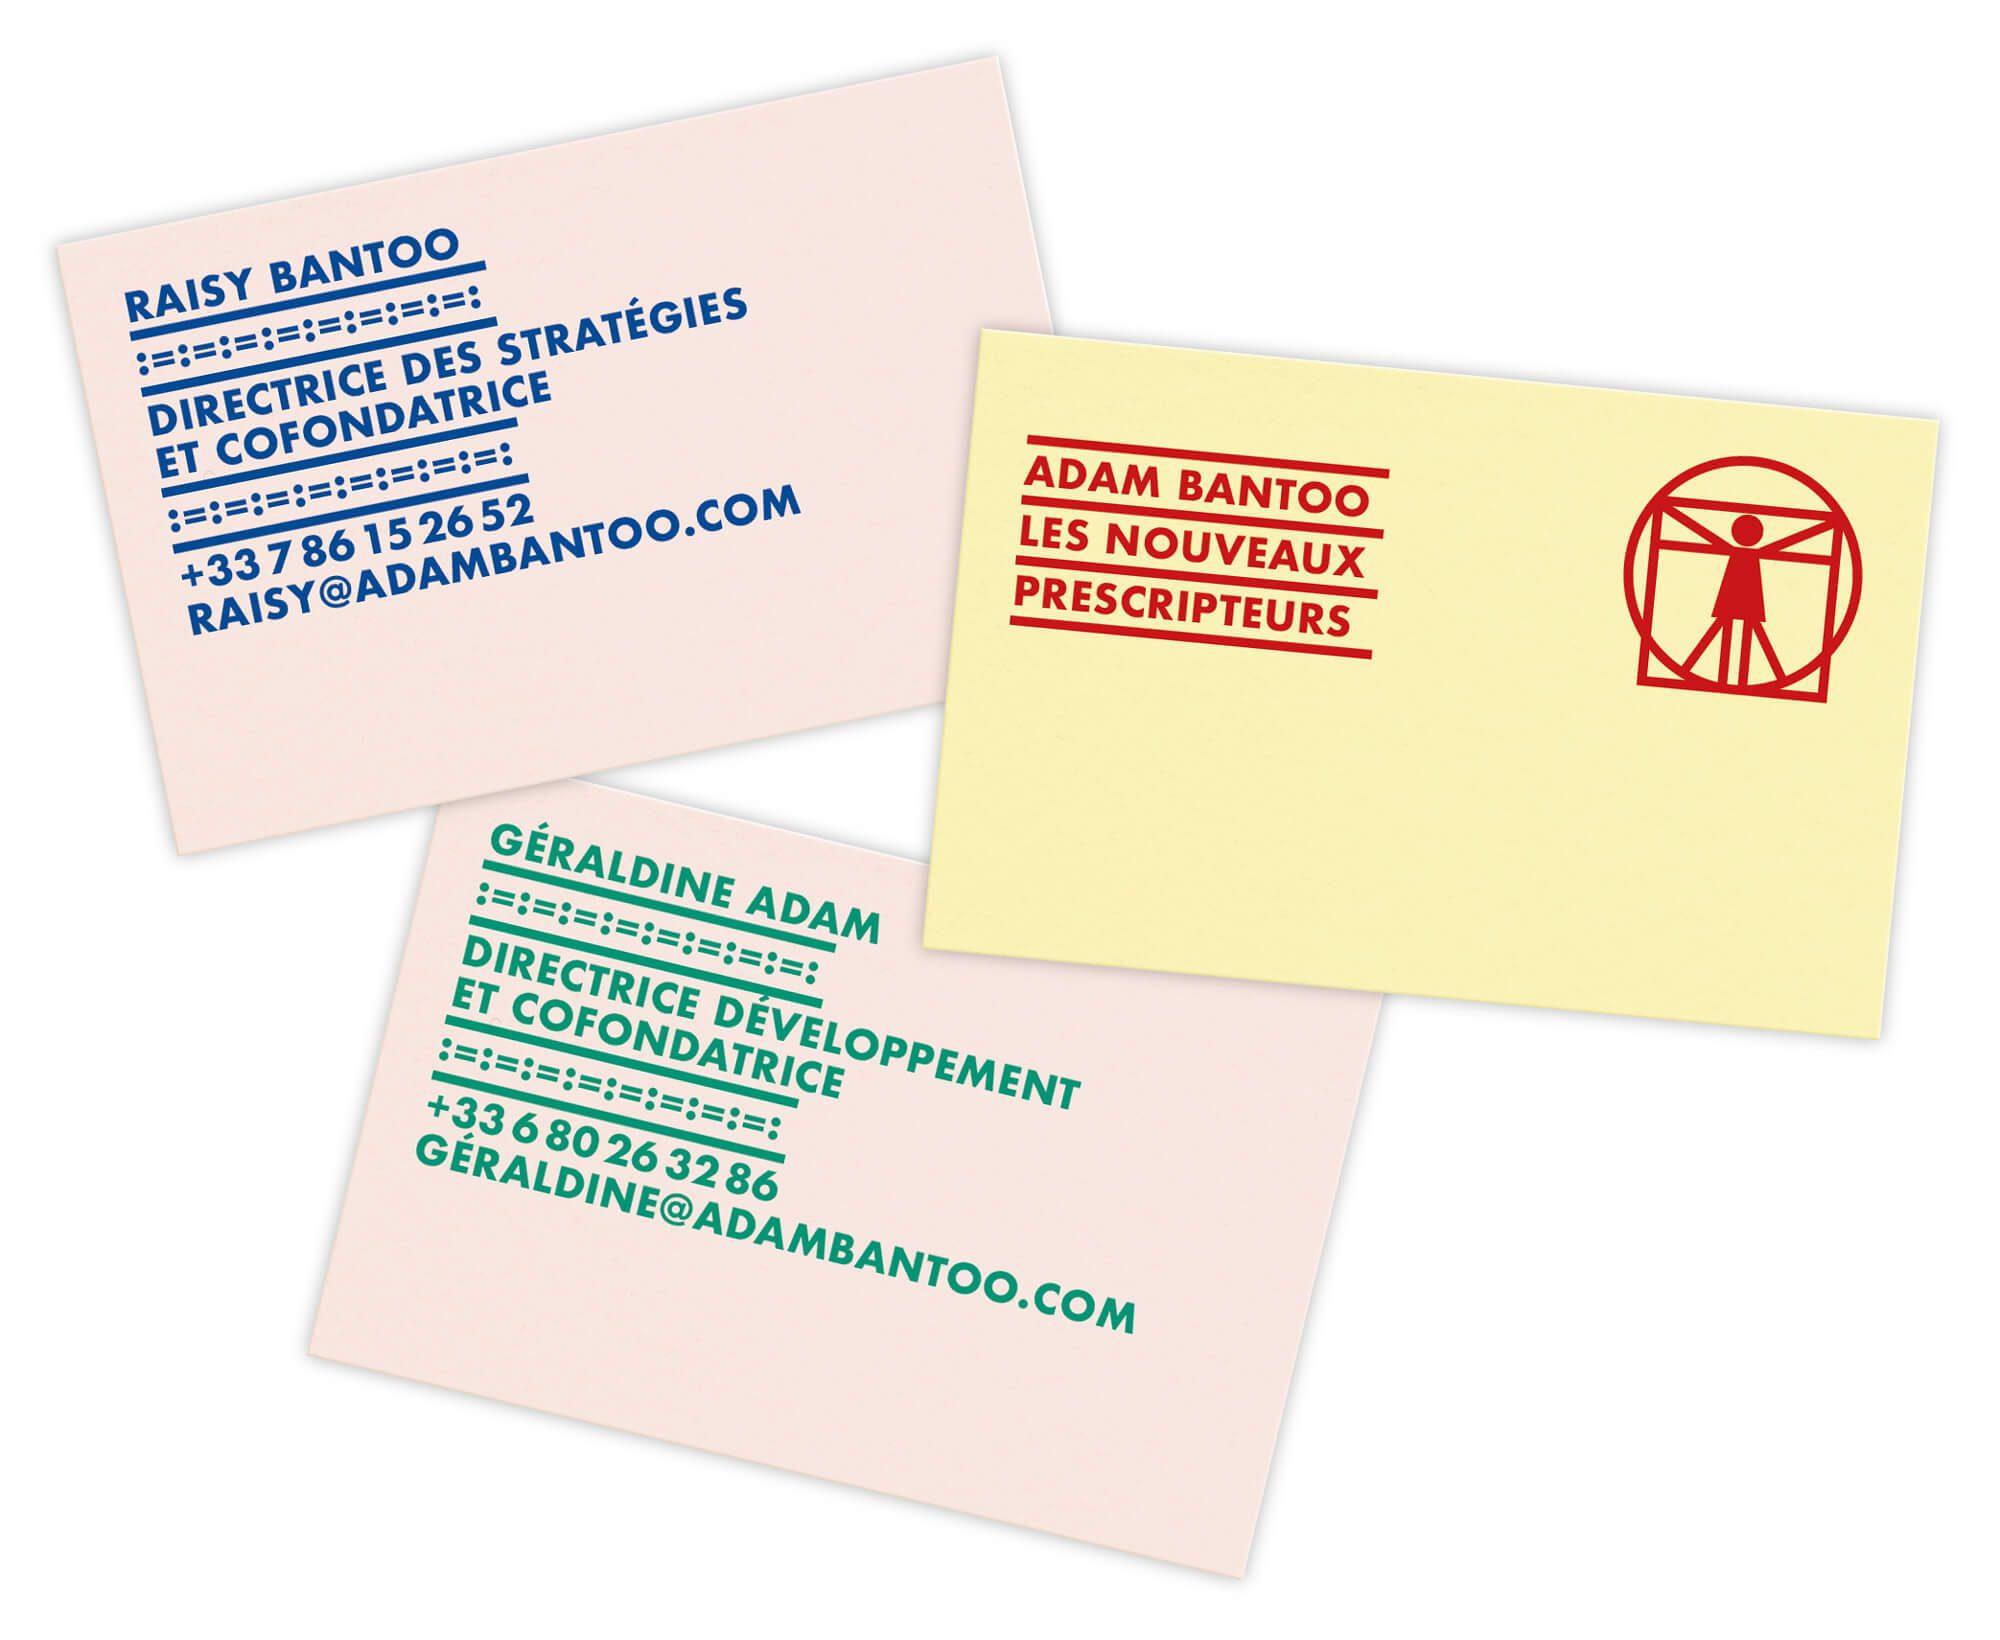 une identité afro-ascii L'agence de communication Ichetkar choisit des faire jouer les couleurs pour les cartes de visites du cabinet de conseil en stratégie d'Adam Bantoo.